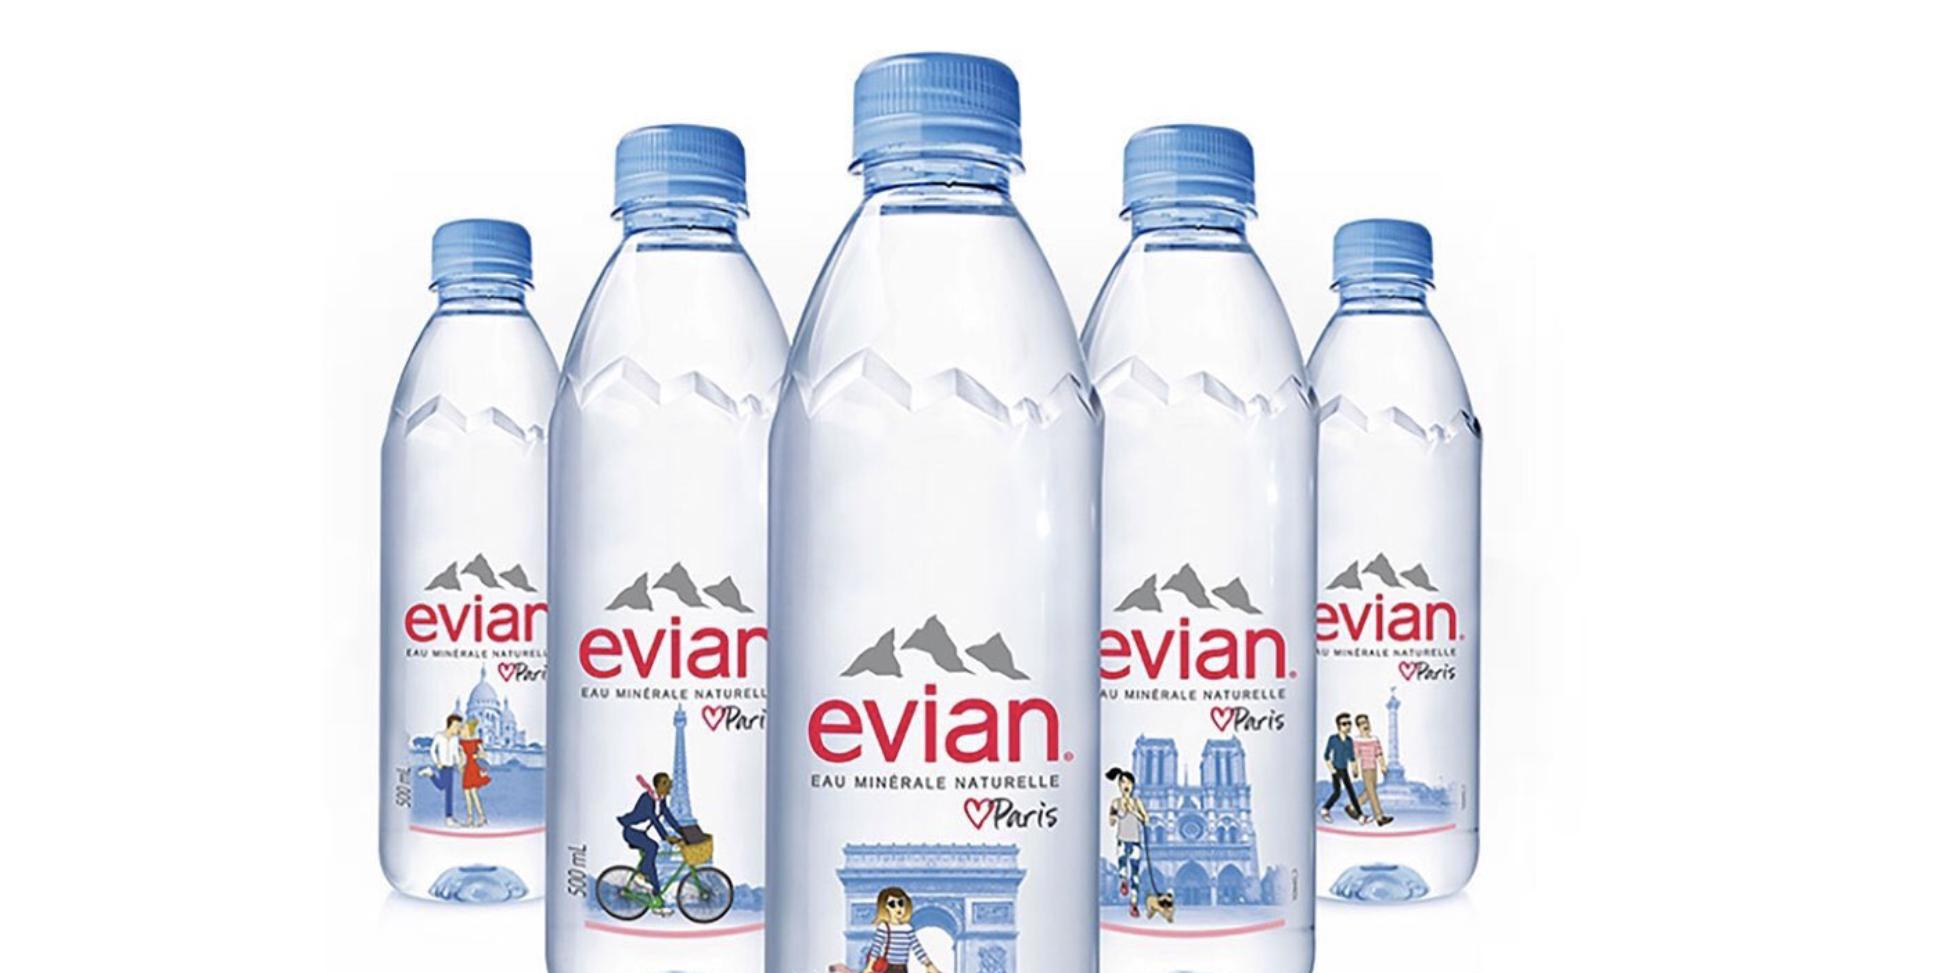 Un visuel gay-friendly sur une bouteille d'Evian fait disjoncter les homophobes